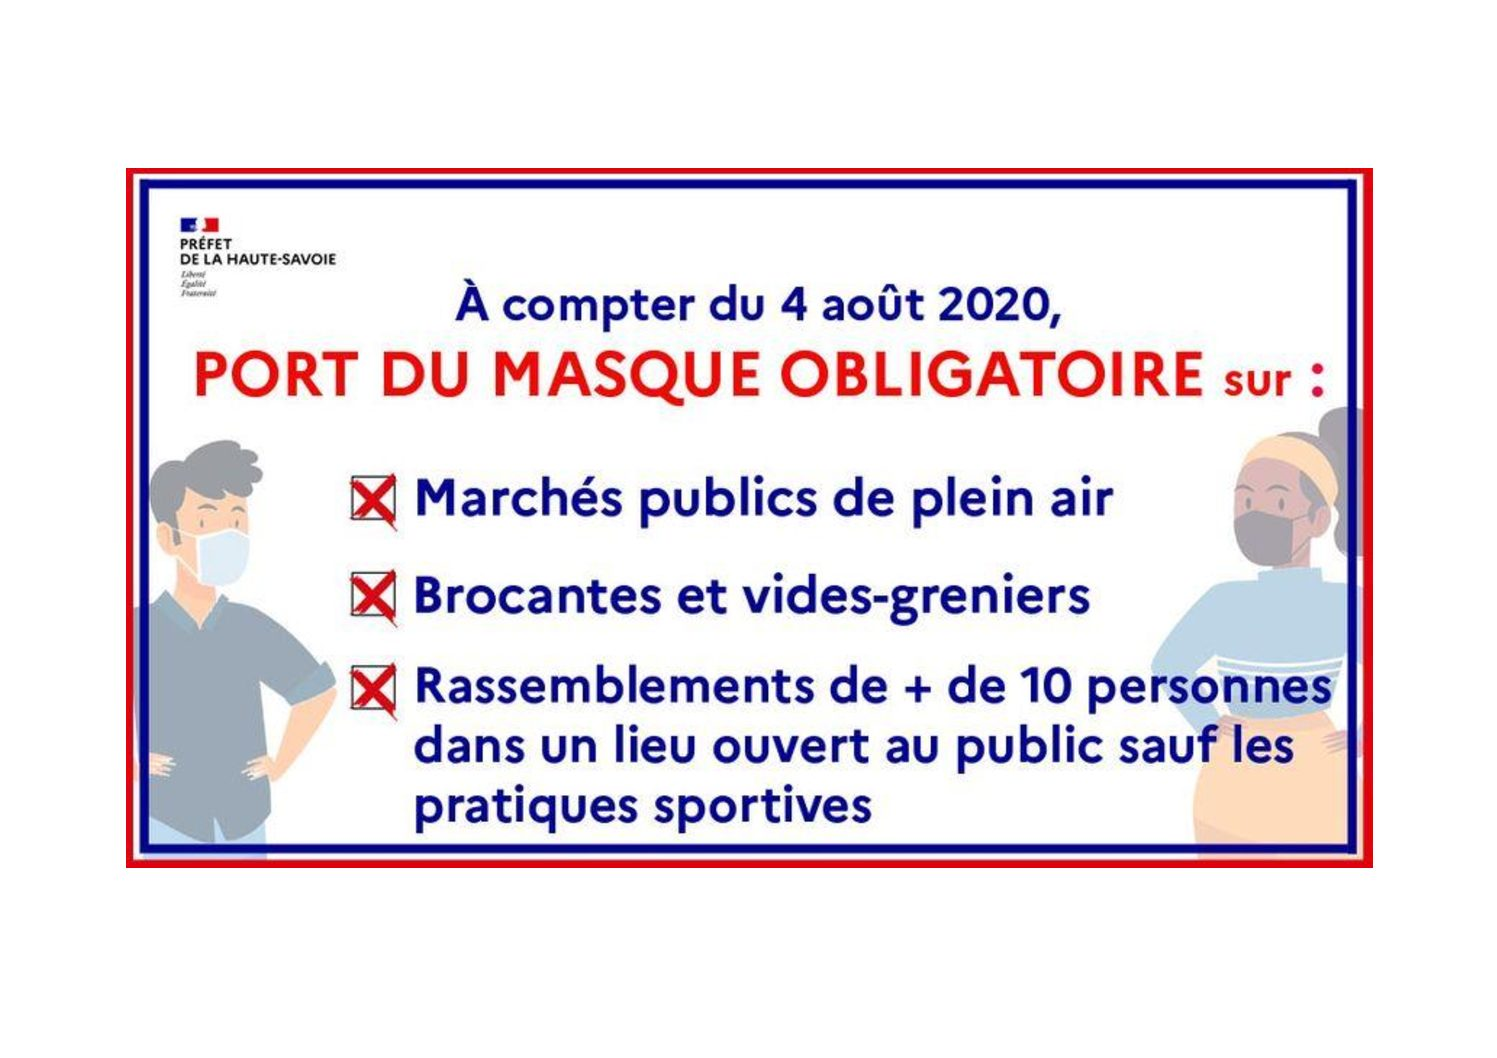 COVID-19 : Port Du Masque Obligatoire Par Arrêté Préfectoral Du 4 Août 2020